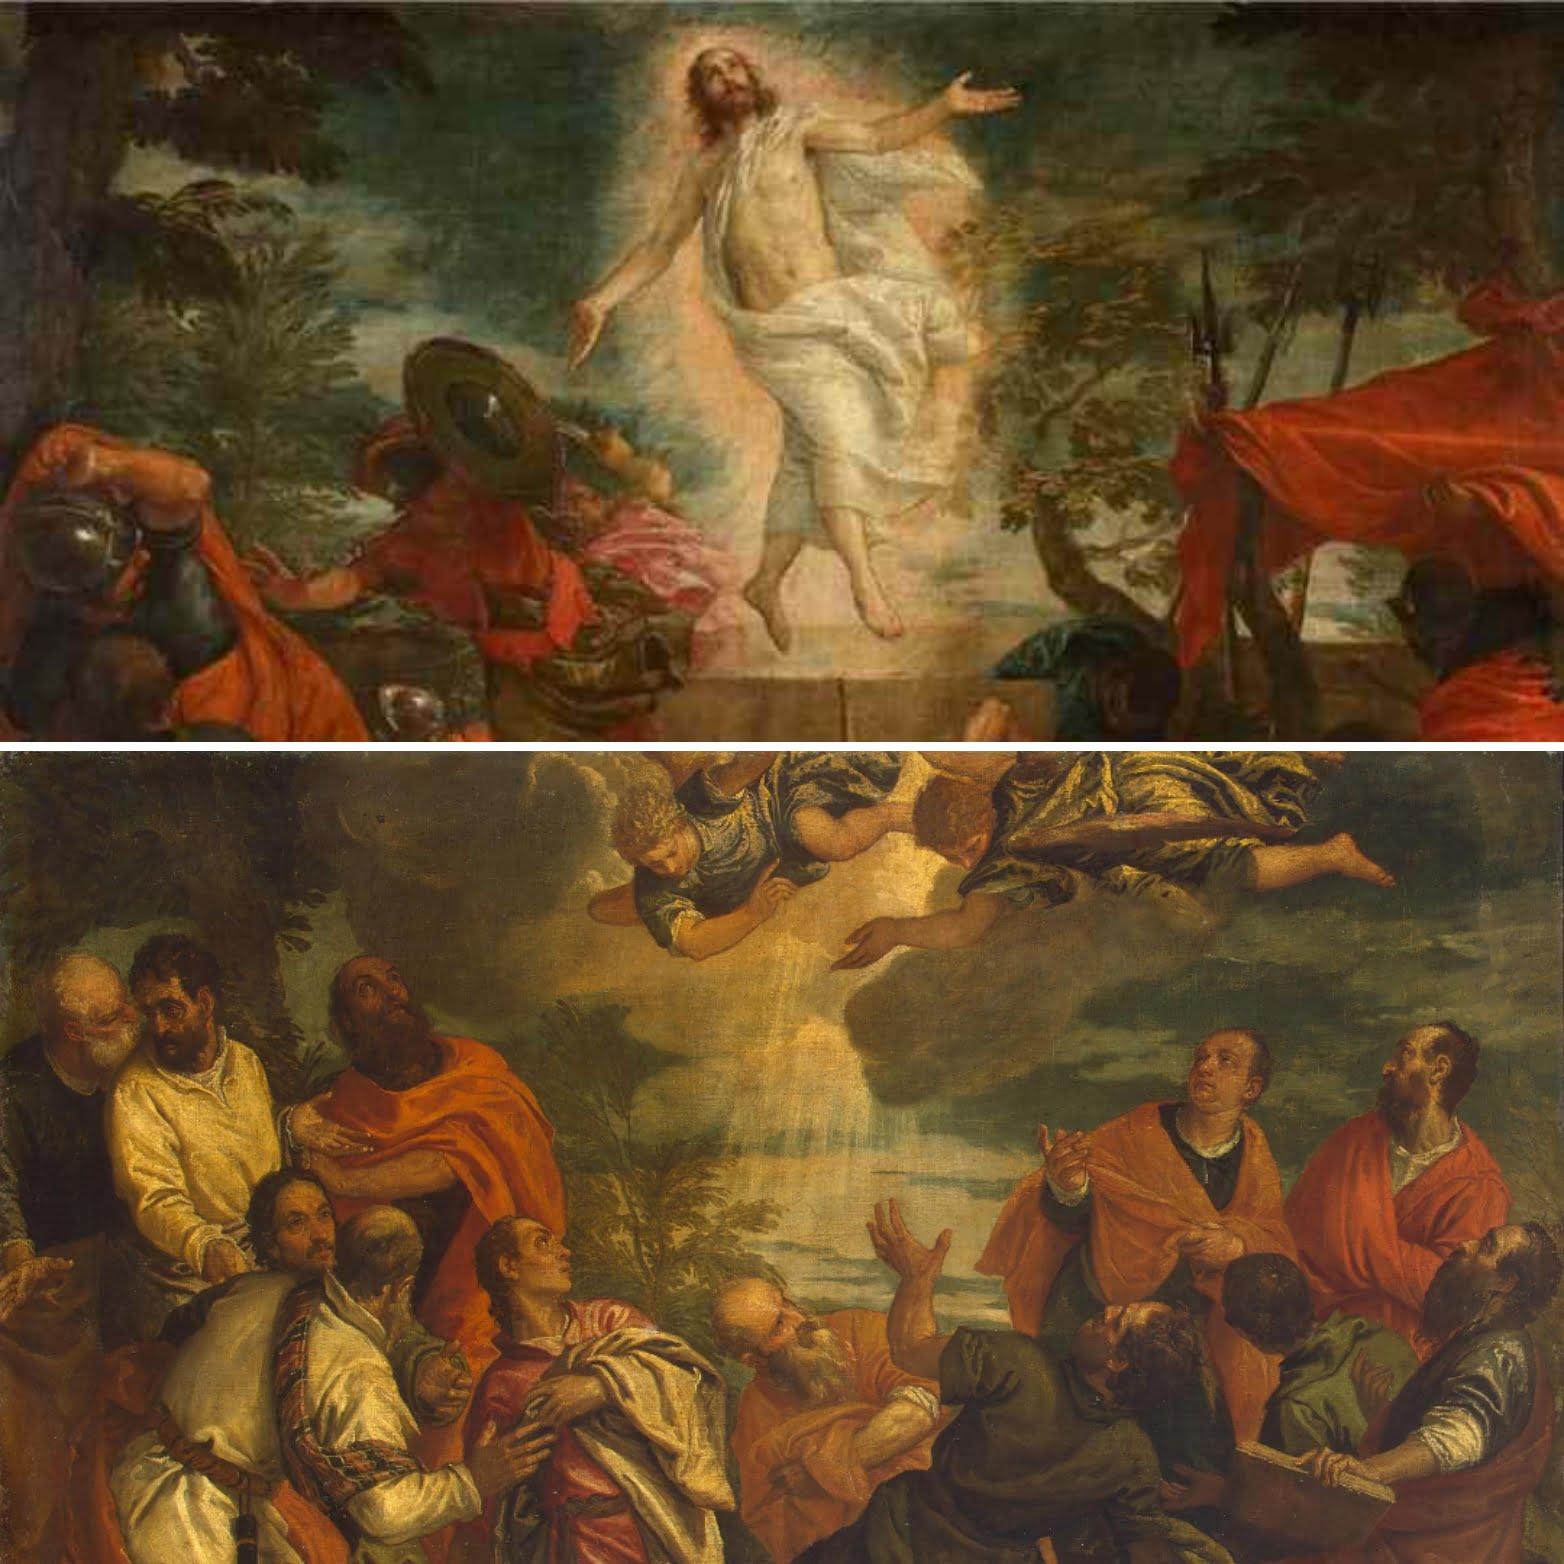 Воскрешение Христа Веронезе и Апостолы Эрмитажа